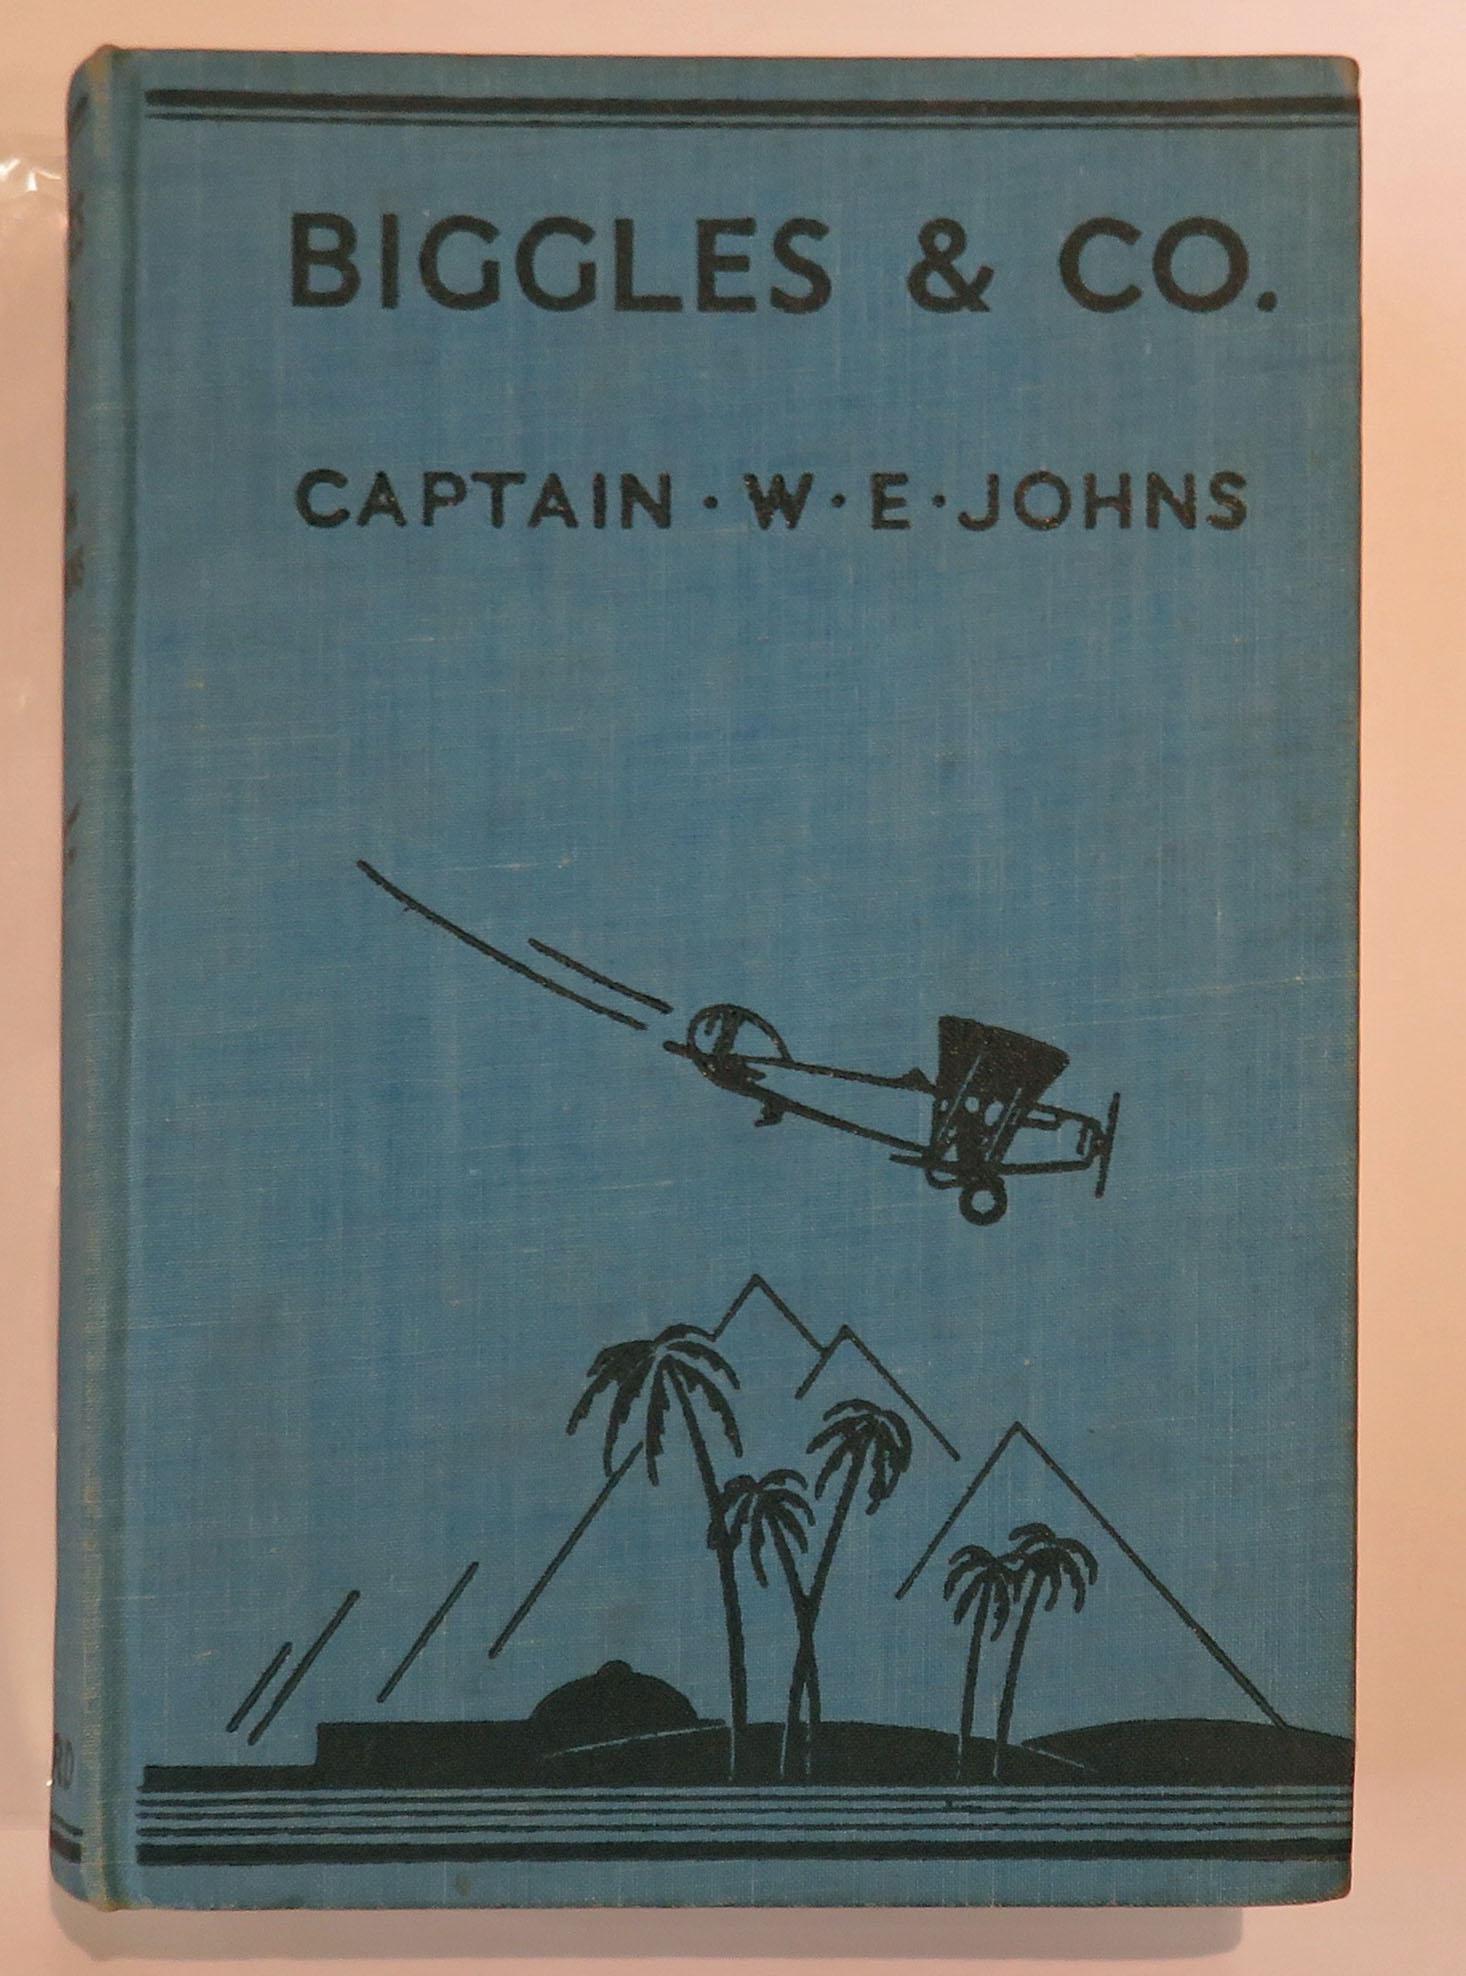 Biggles & Co